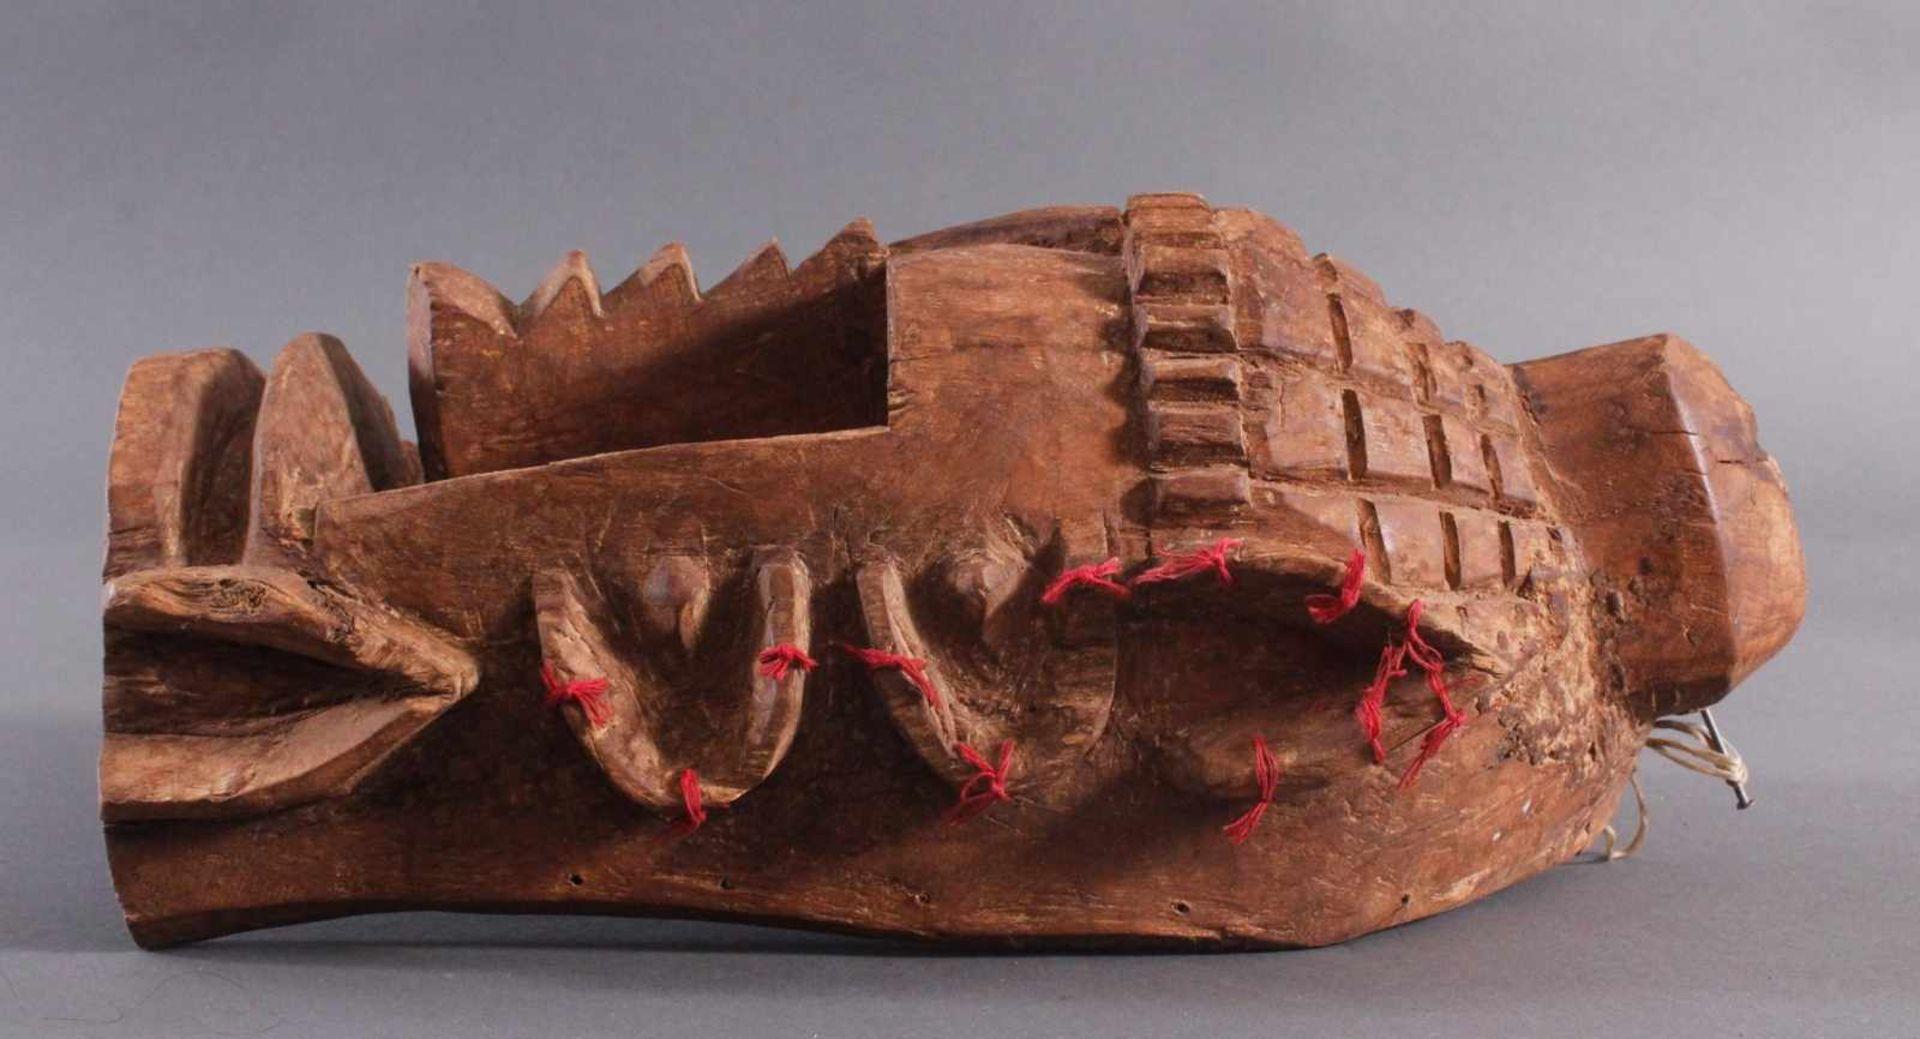 Antike Wandmaske, Mambila Kamerun 1. Hälfte 20. Jh.Helles Holz, geschnitzt, verziert mit roten - Bild 3 aus 6